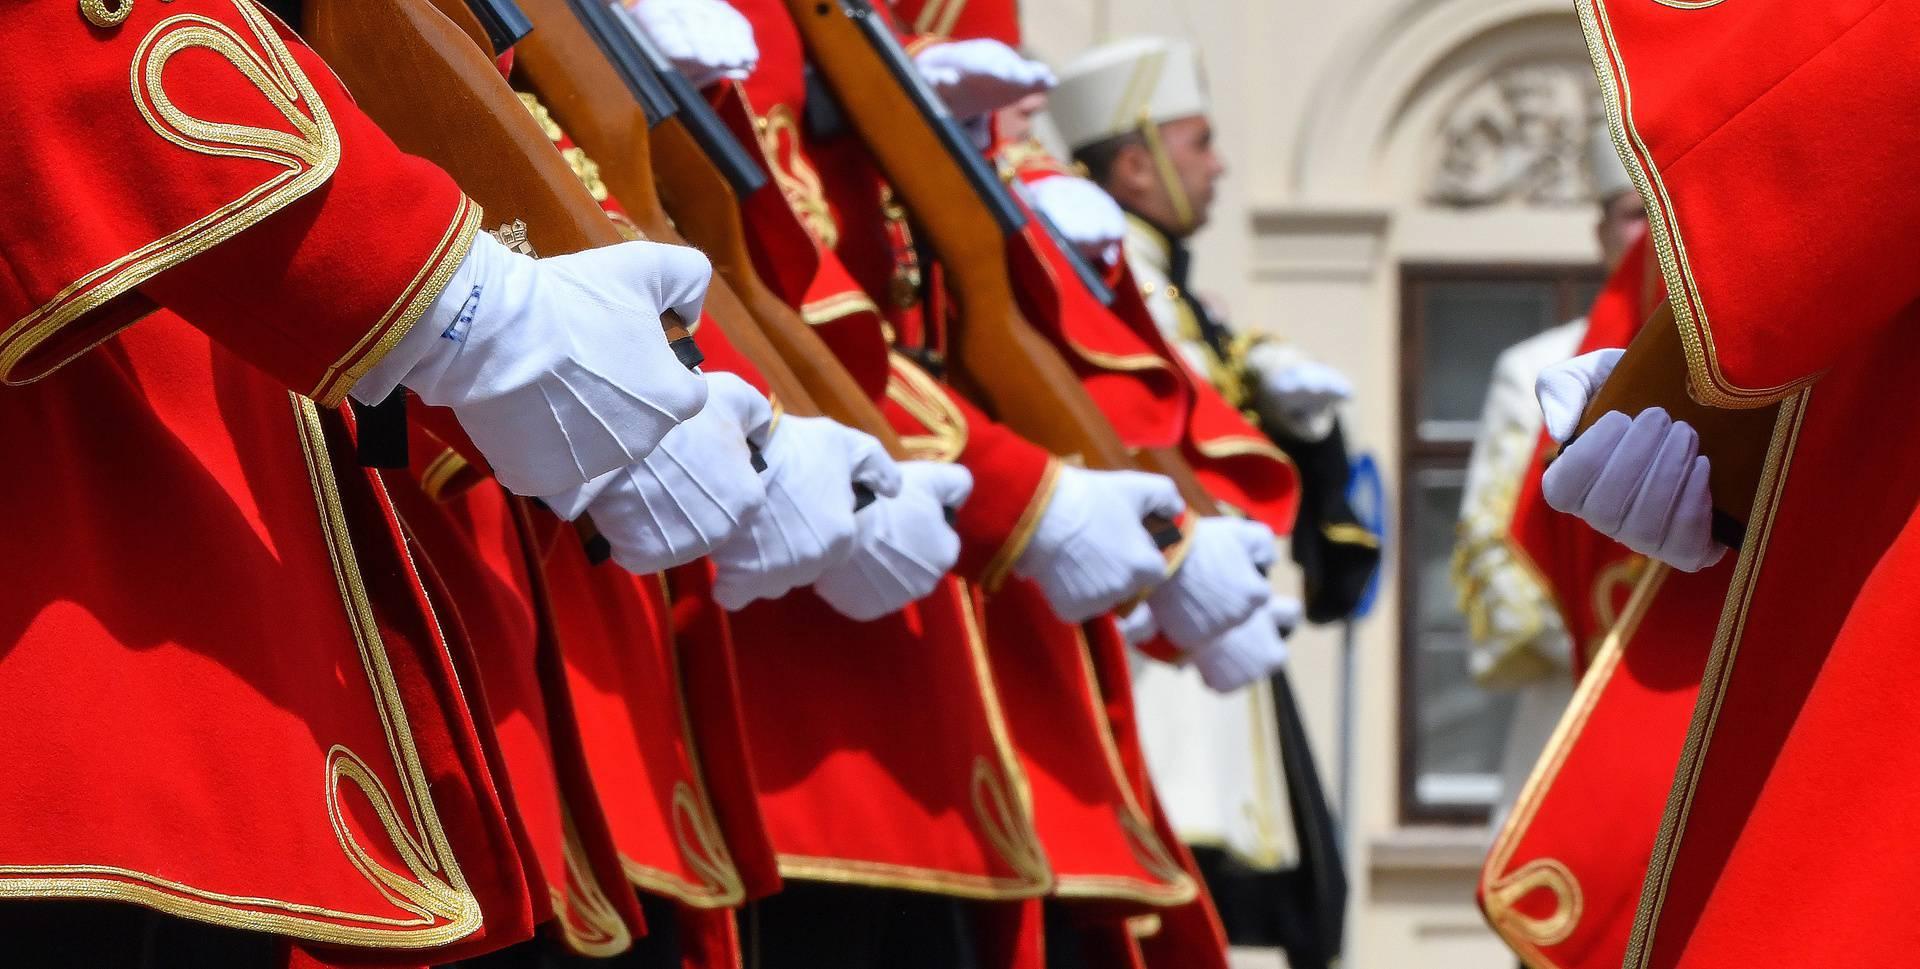 Plenković se naljutio na šefa vojske: Nije mu poslao počasnu gardu u crvenim odorama